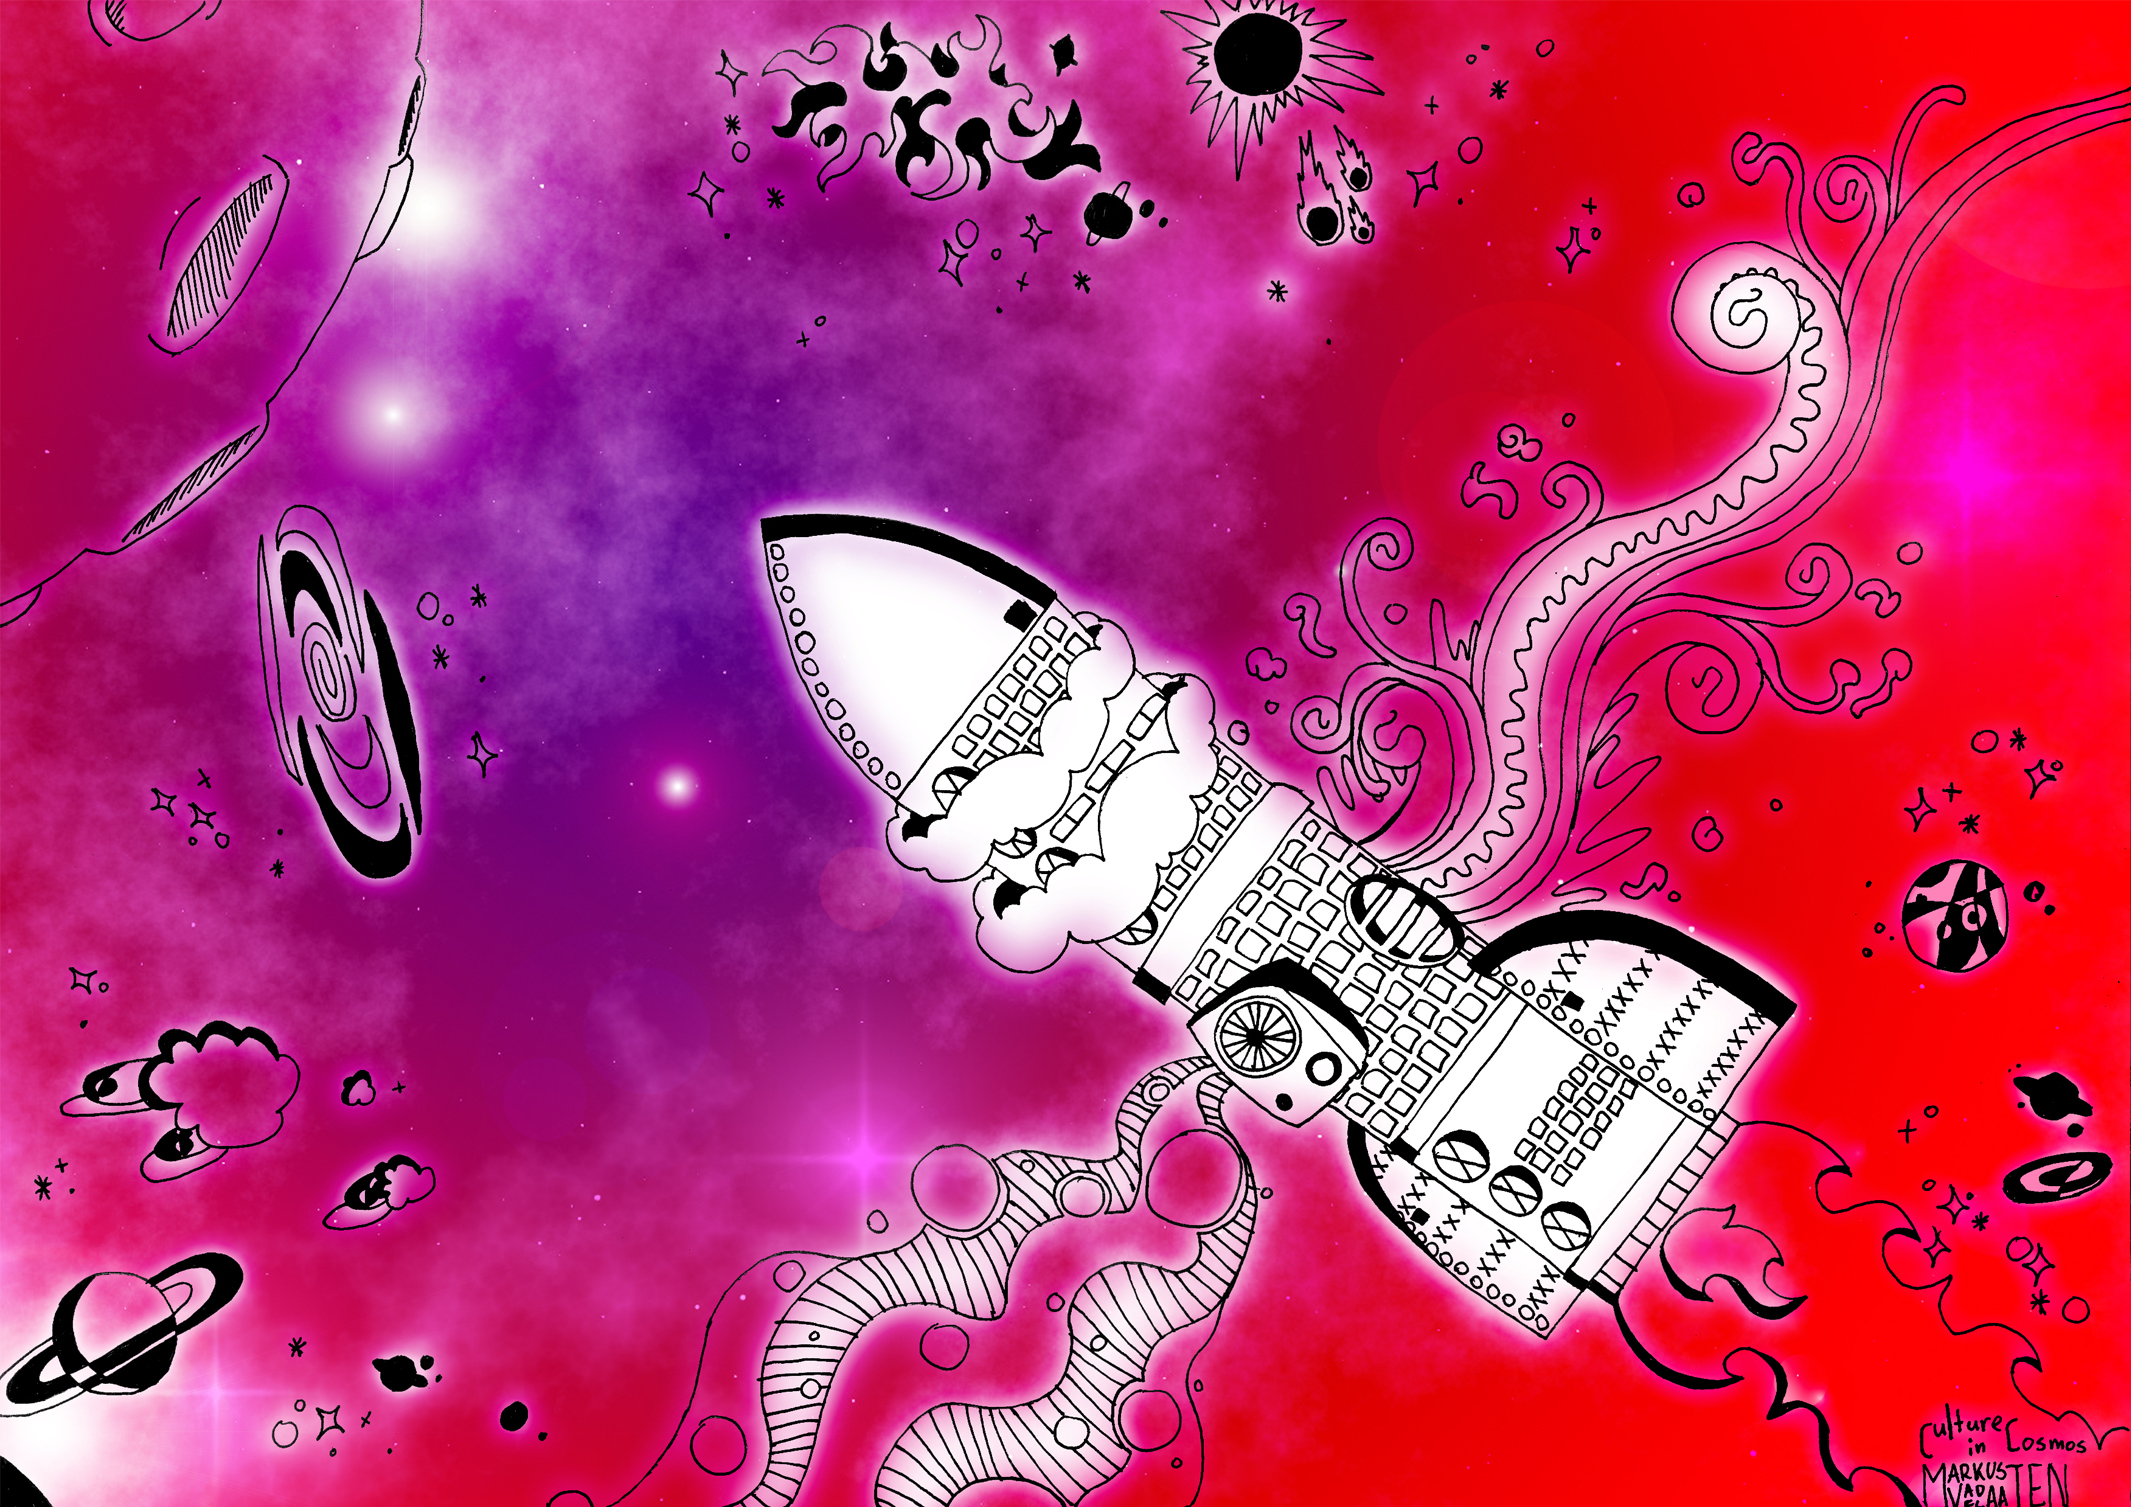 Culture in Cosmos